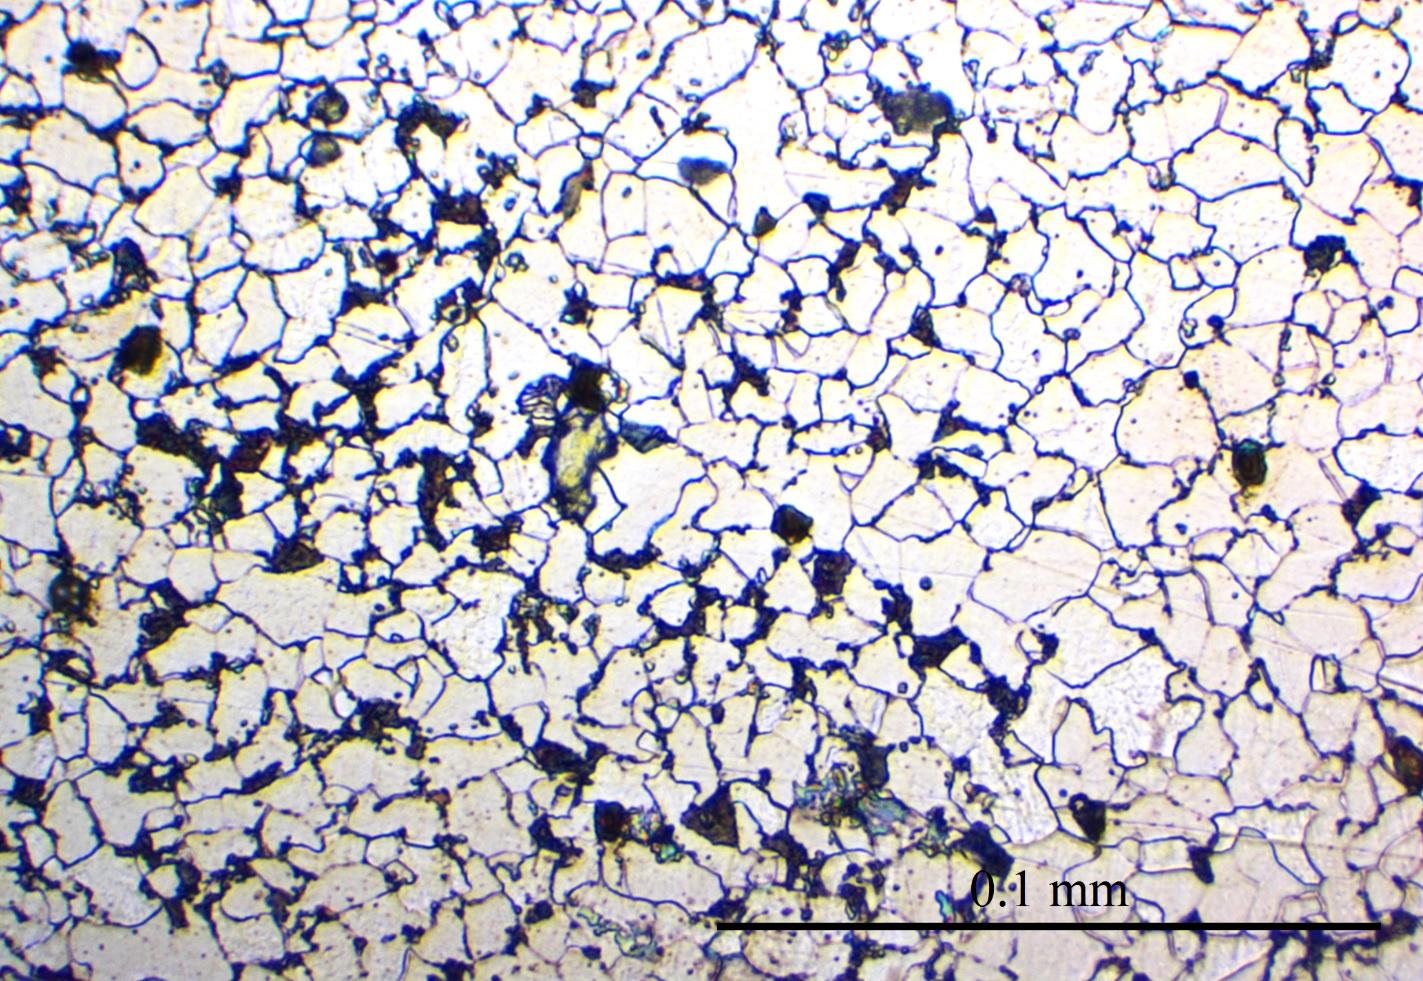 Mikroskopbilde av strukturen i jern. De lyse kornene er rent jern, mens de mørke har høyt karboninnhold.